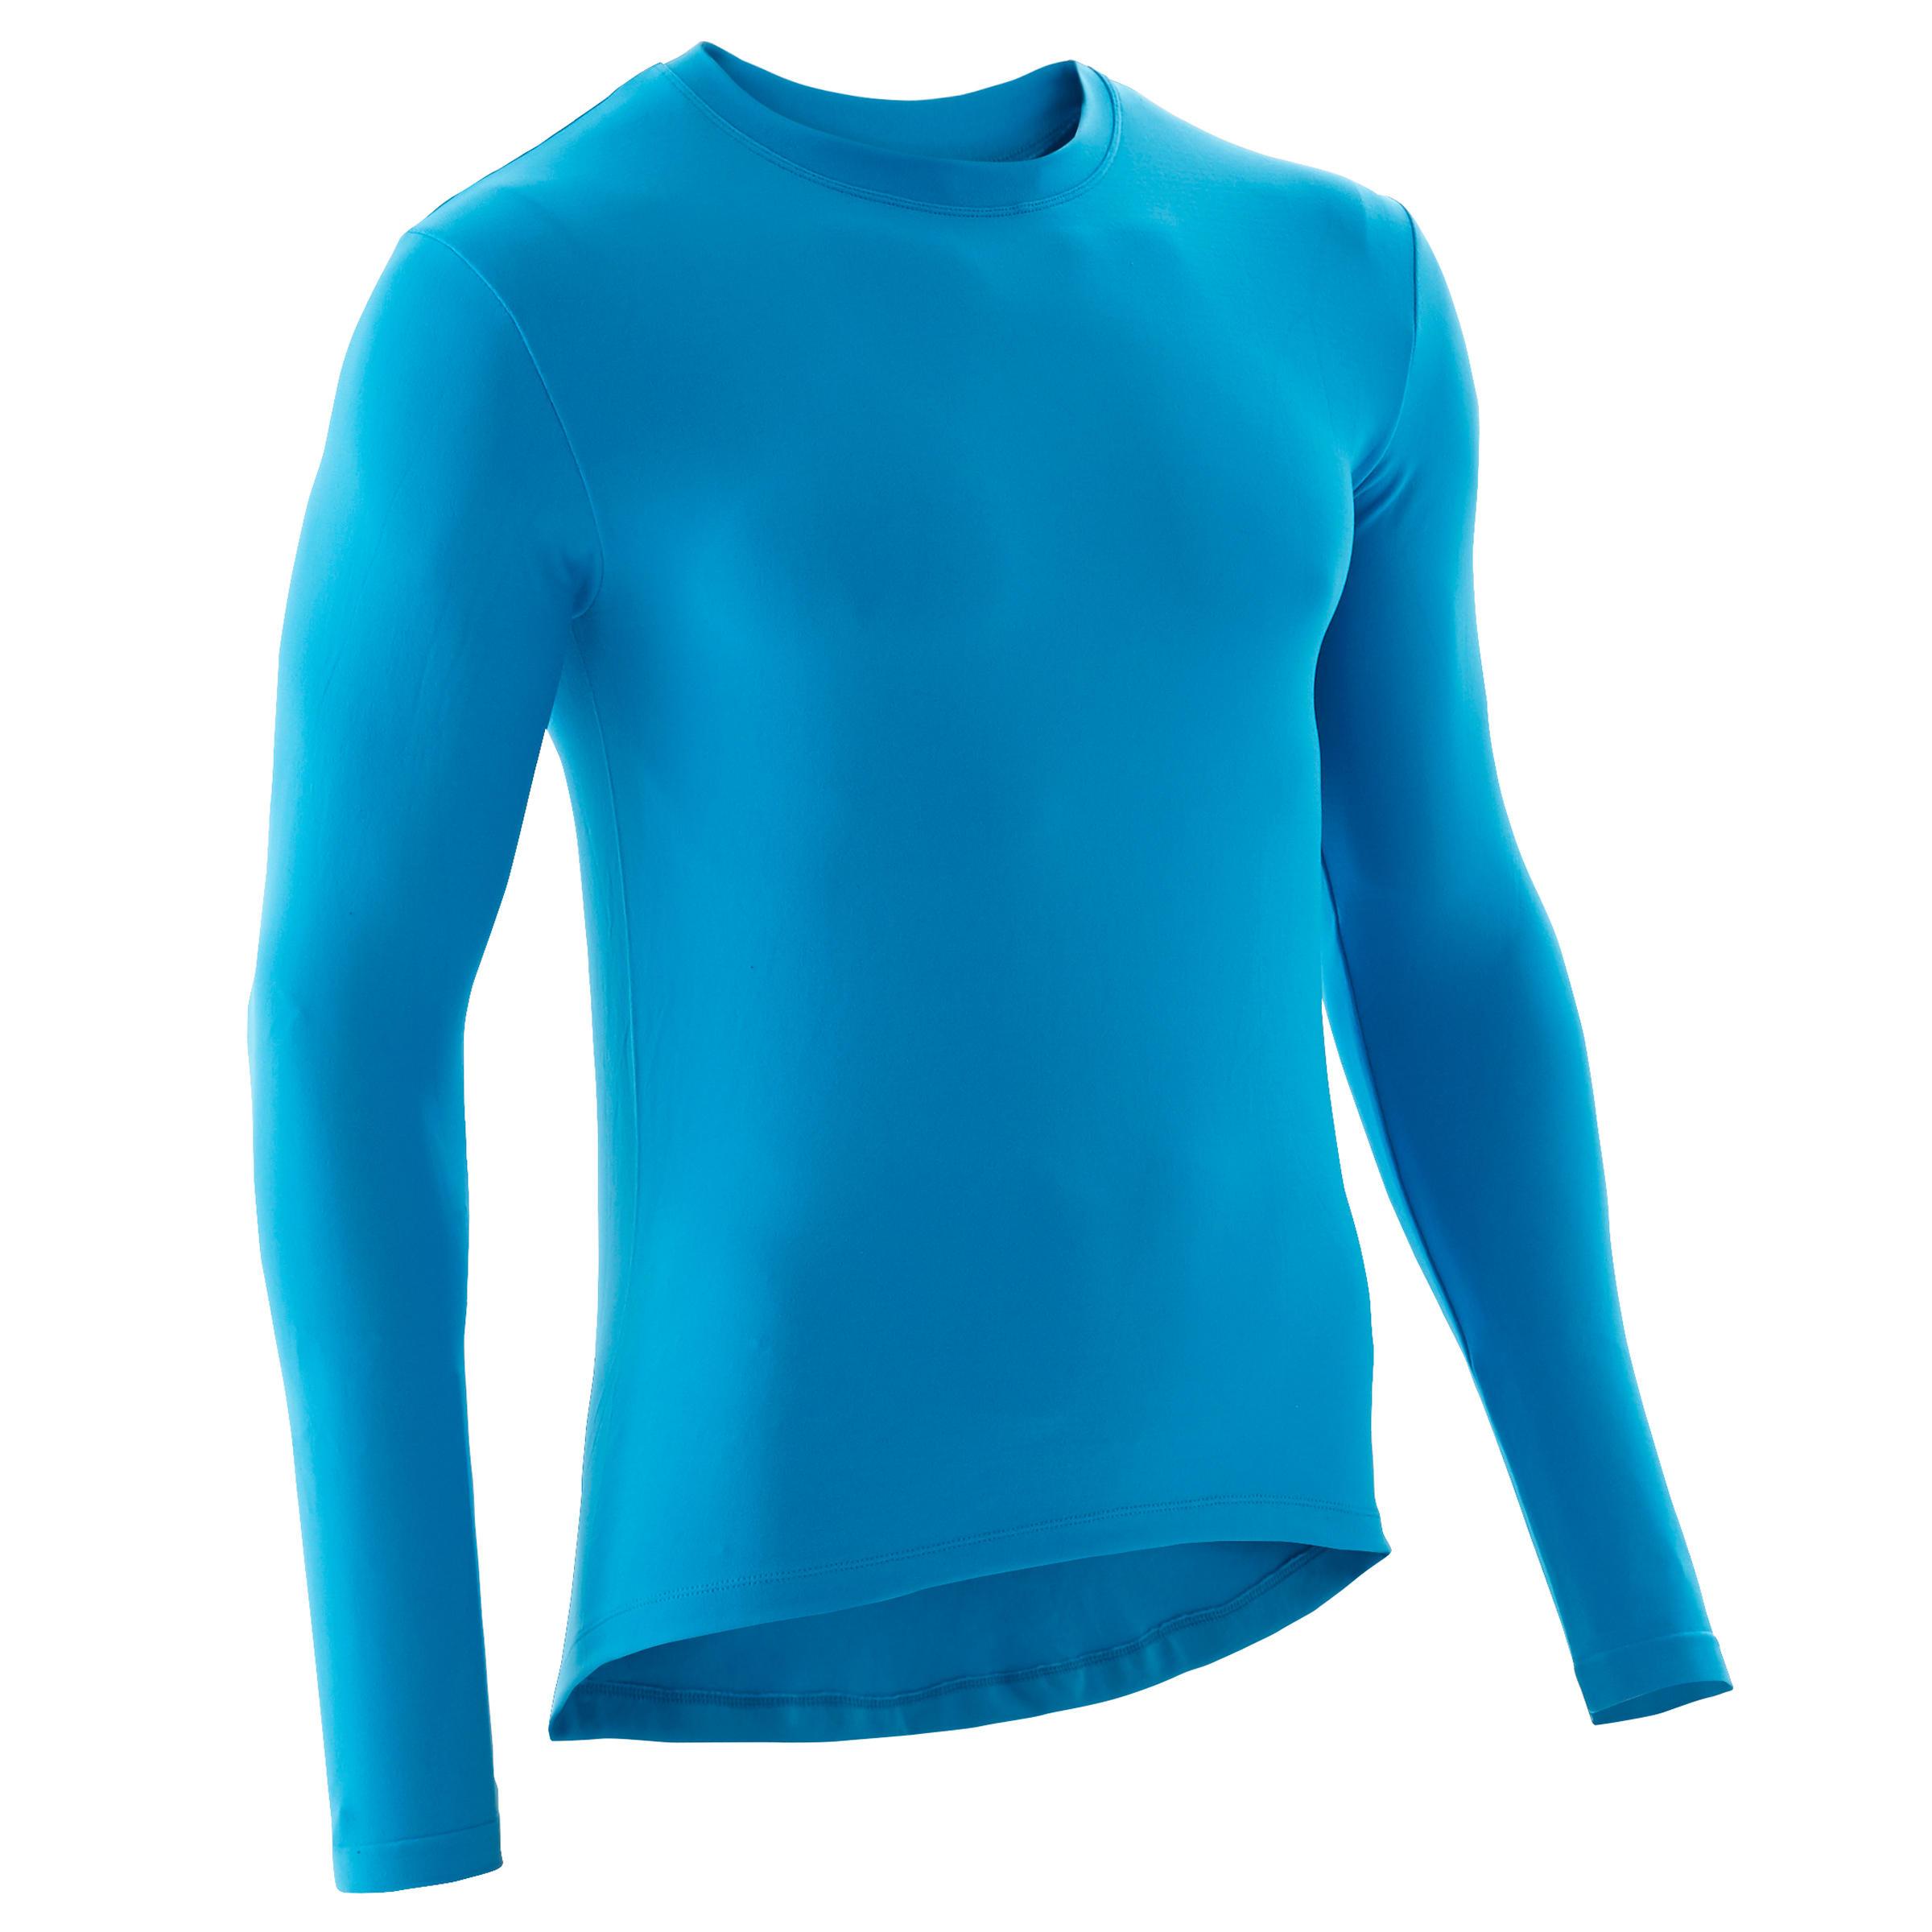 Fahrrad Unterwäsche Rennrad Langarm RC 100 Herren blau   Sportbekleidung > Funktionswäsche > Thermounterwäsche   B'twin